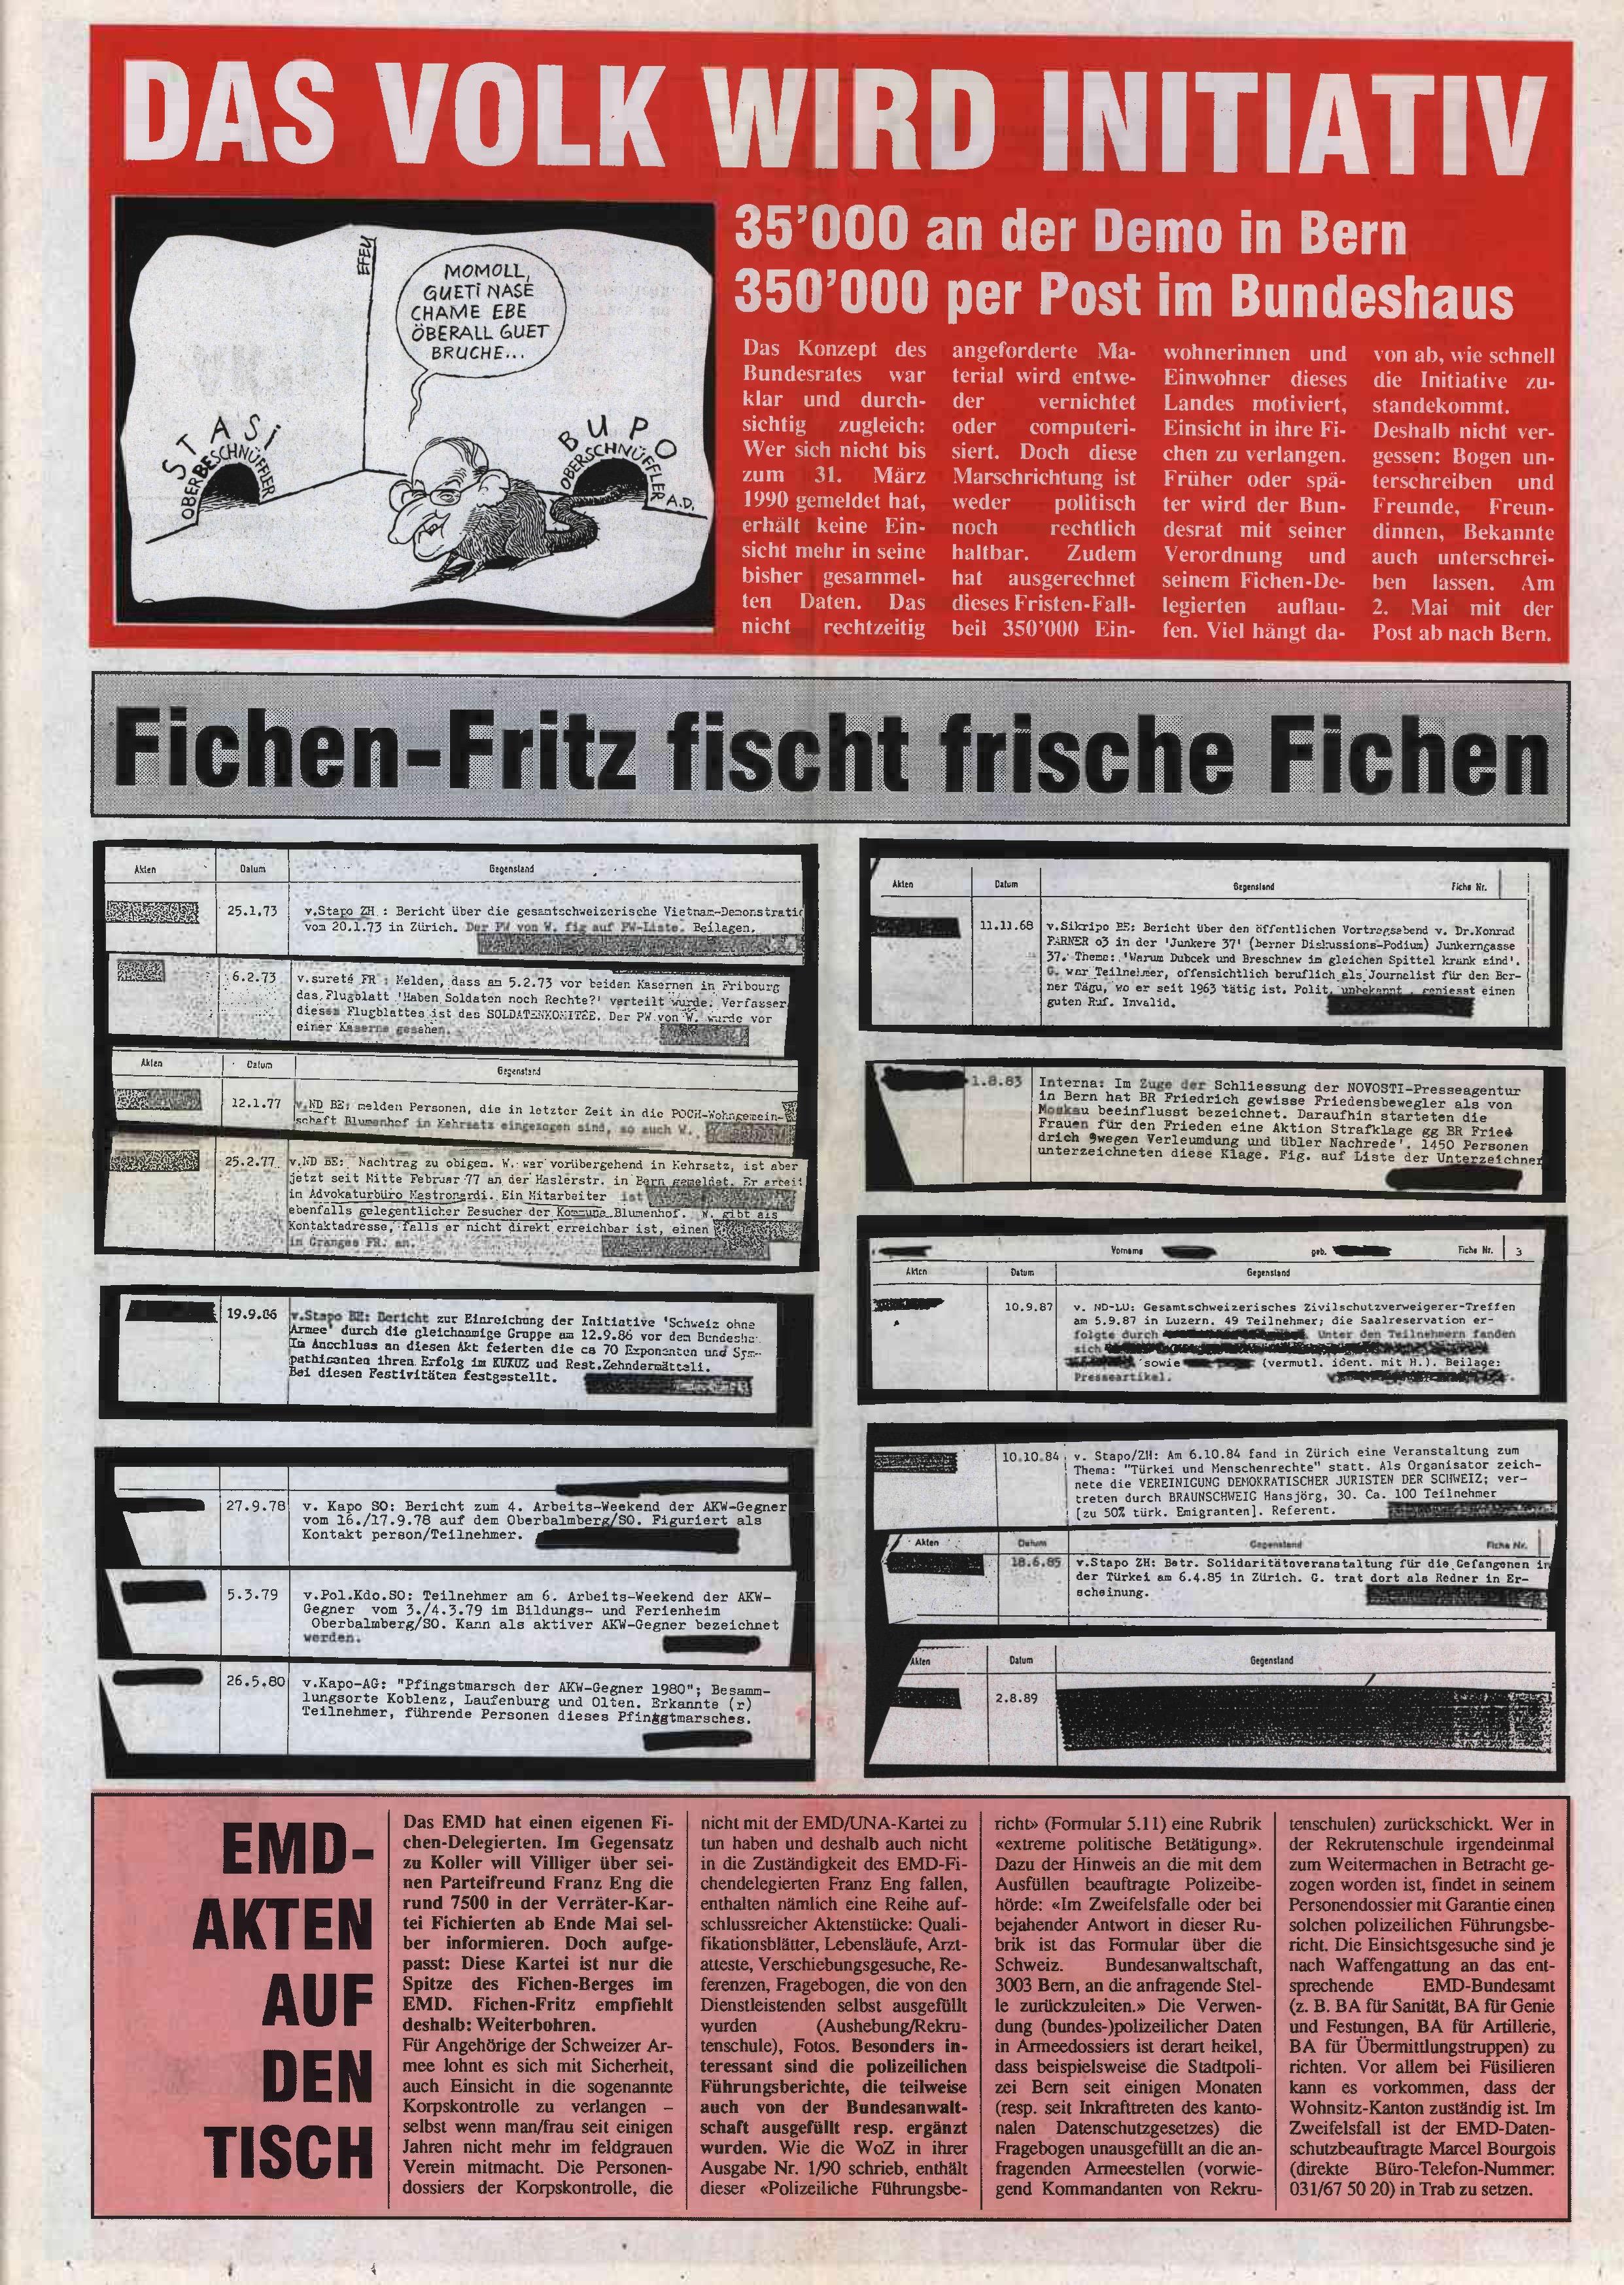 FICHEN FRITZ NR. 2 - SEITE 8